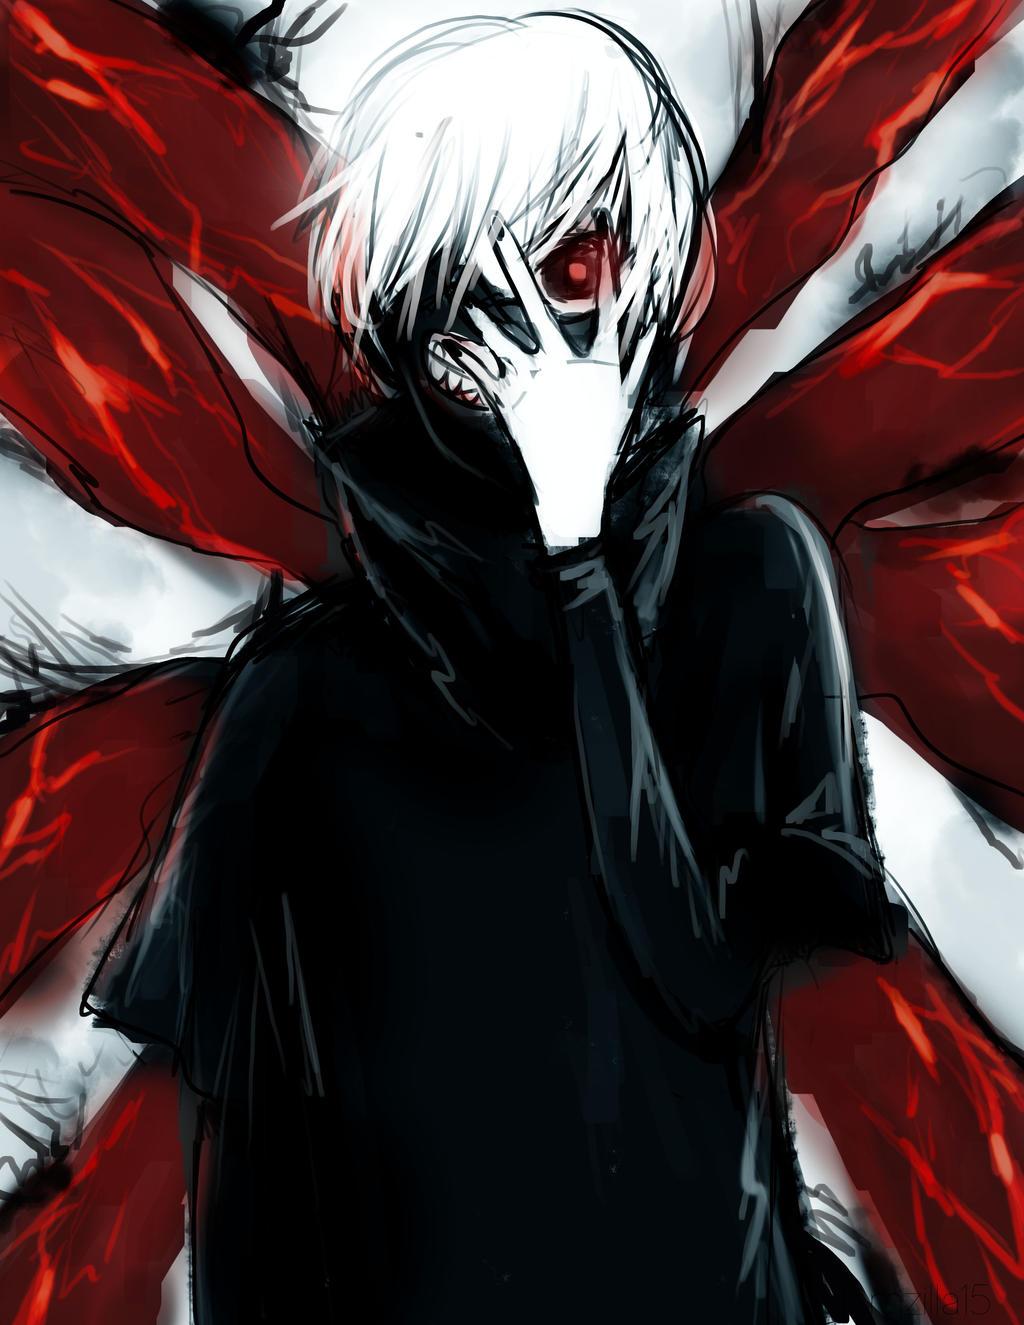 kaneki ken fan art tokyo ghoul by hamzilla15 watch fan art manga anime ...